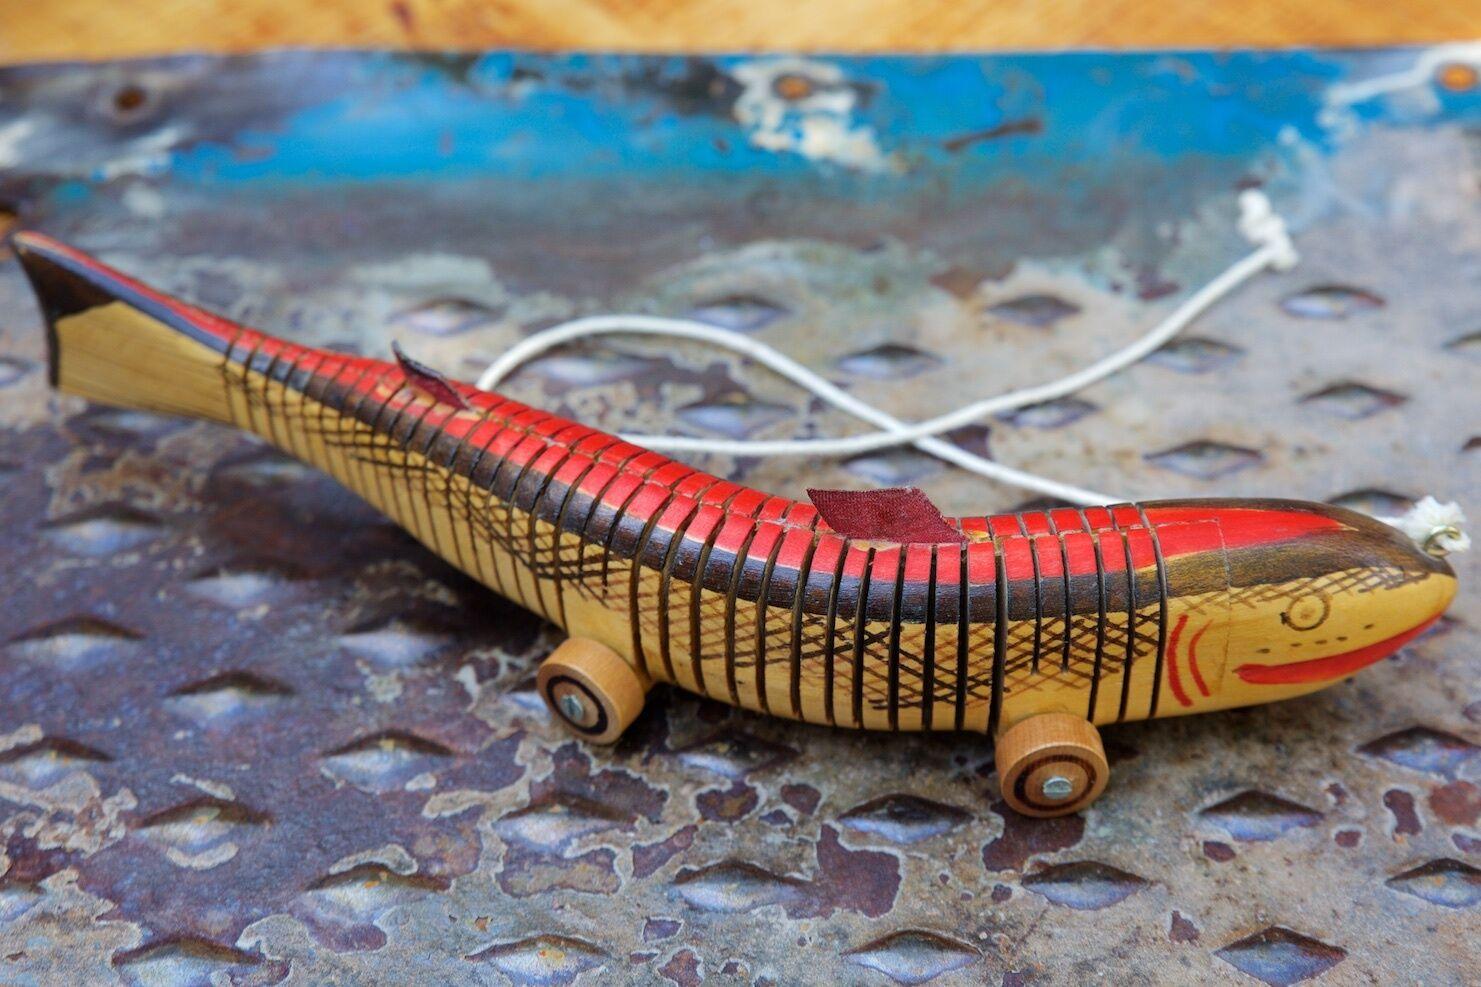 Vintage - spielzeug von hand bemalt 13,5  holz durch fisch mit schwimm - aktion